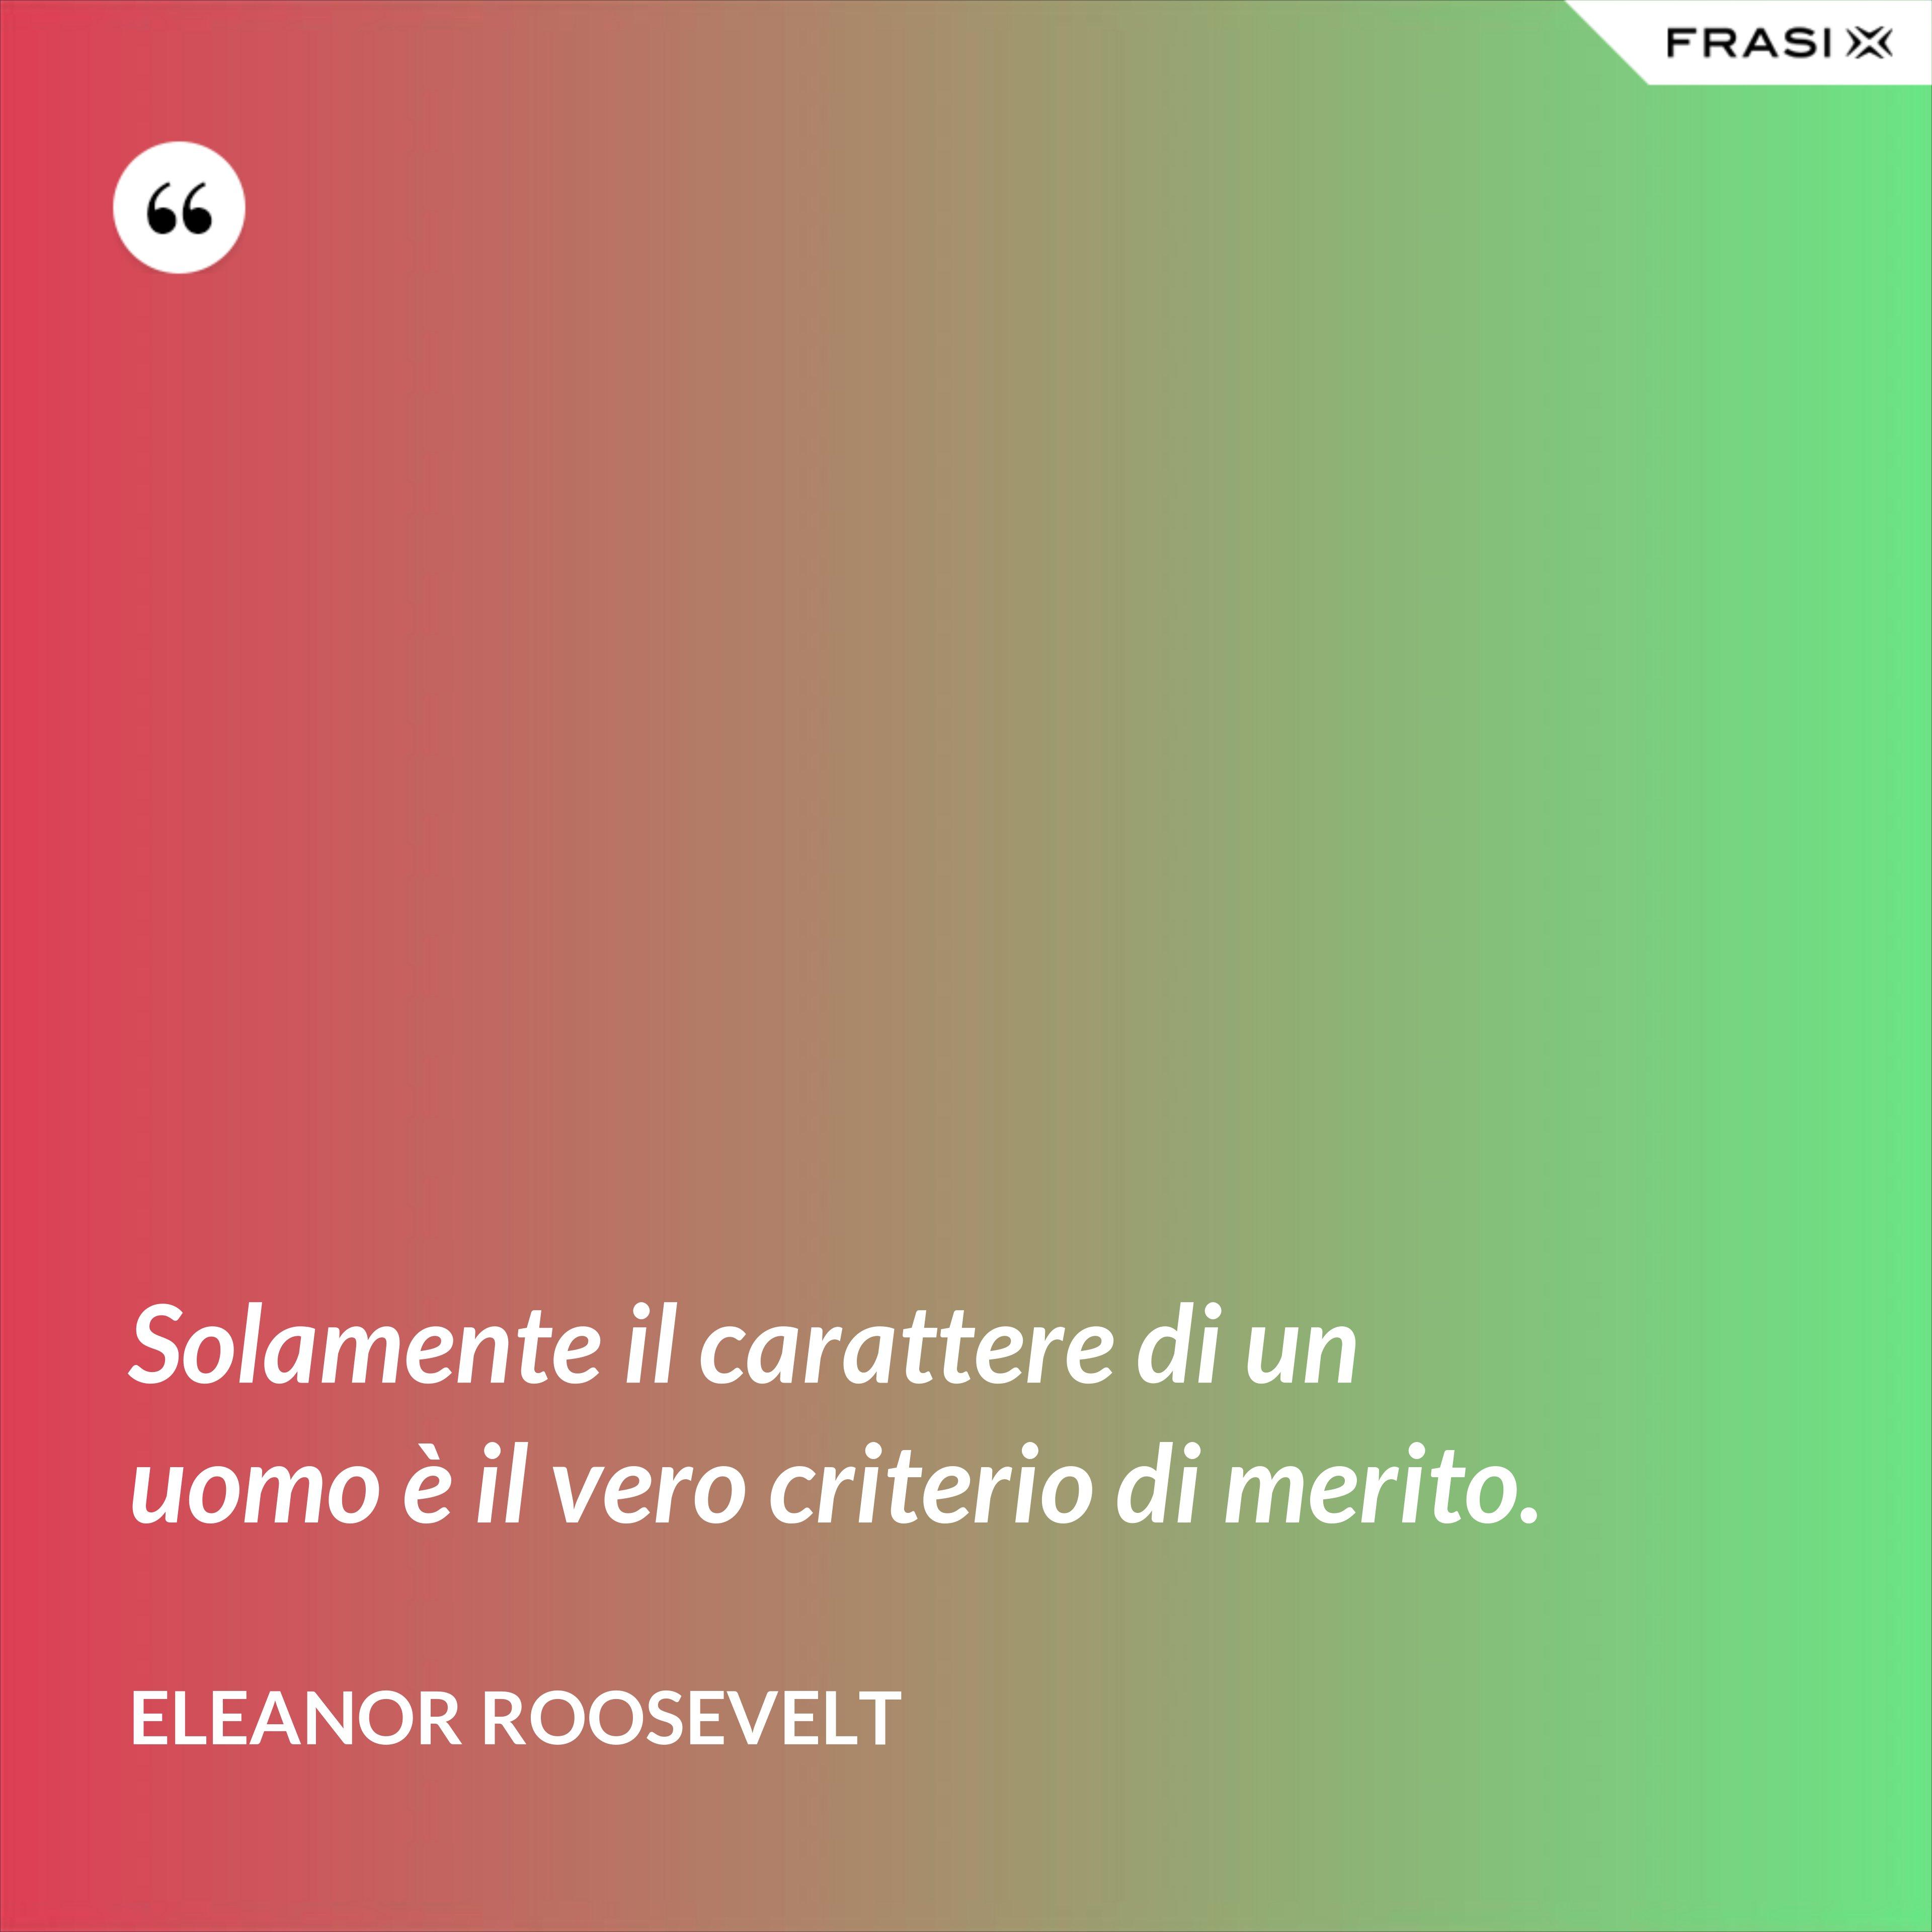 Solamente il carattere di un uomo è il vero criterio di merito. - Eleanor Roosevelt